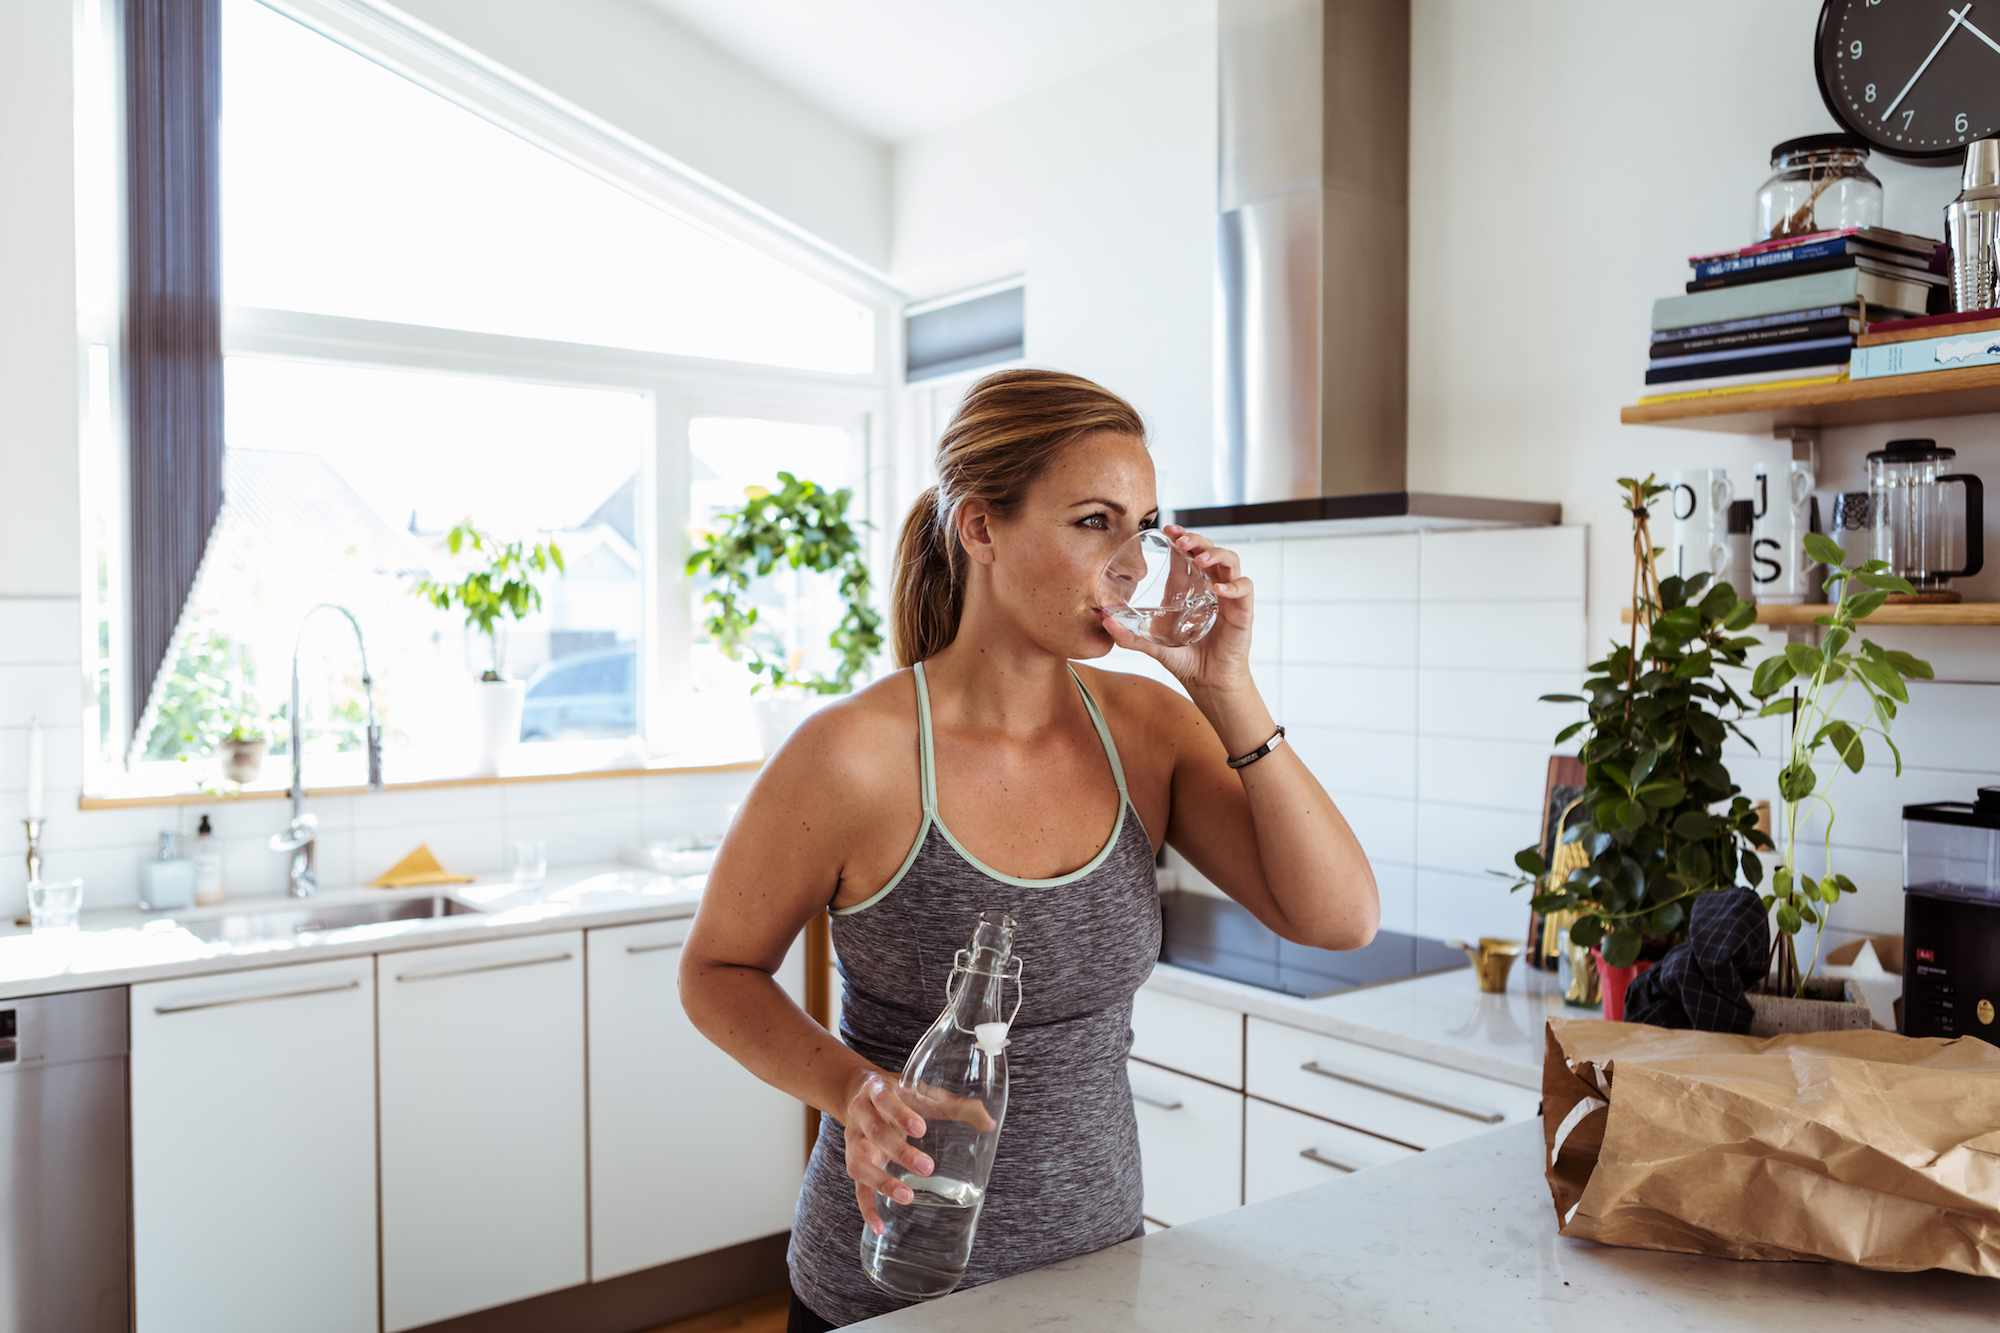 Mujer bebiendo agua en la cocina